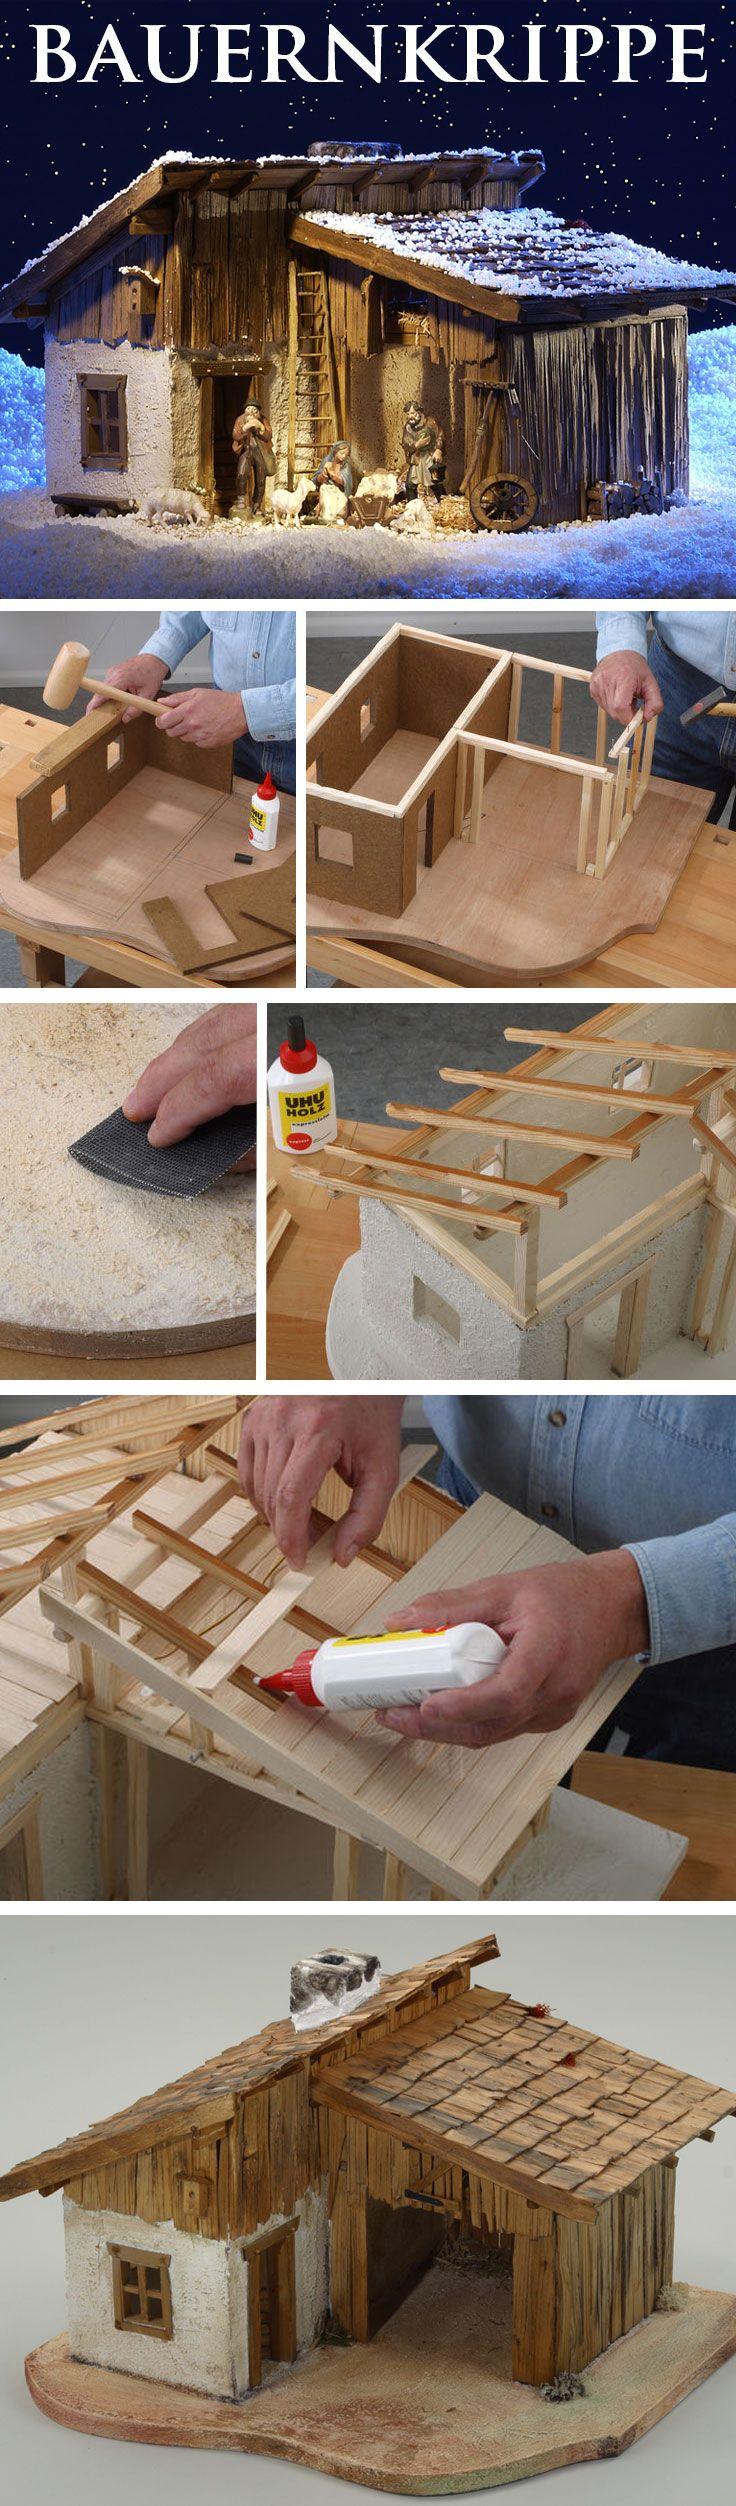 bauplan bauern krippe selbst bauen auszeichnen und. Black Bedroom Furniture Sets. Home Design Ideas